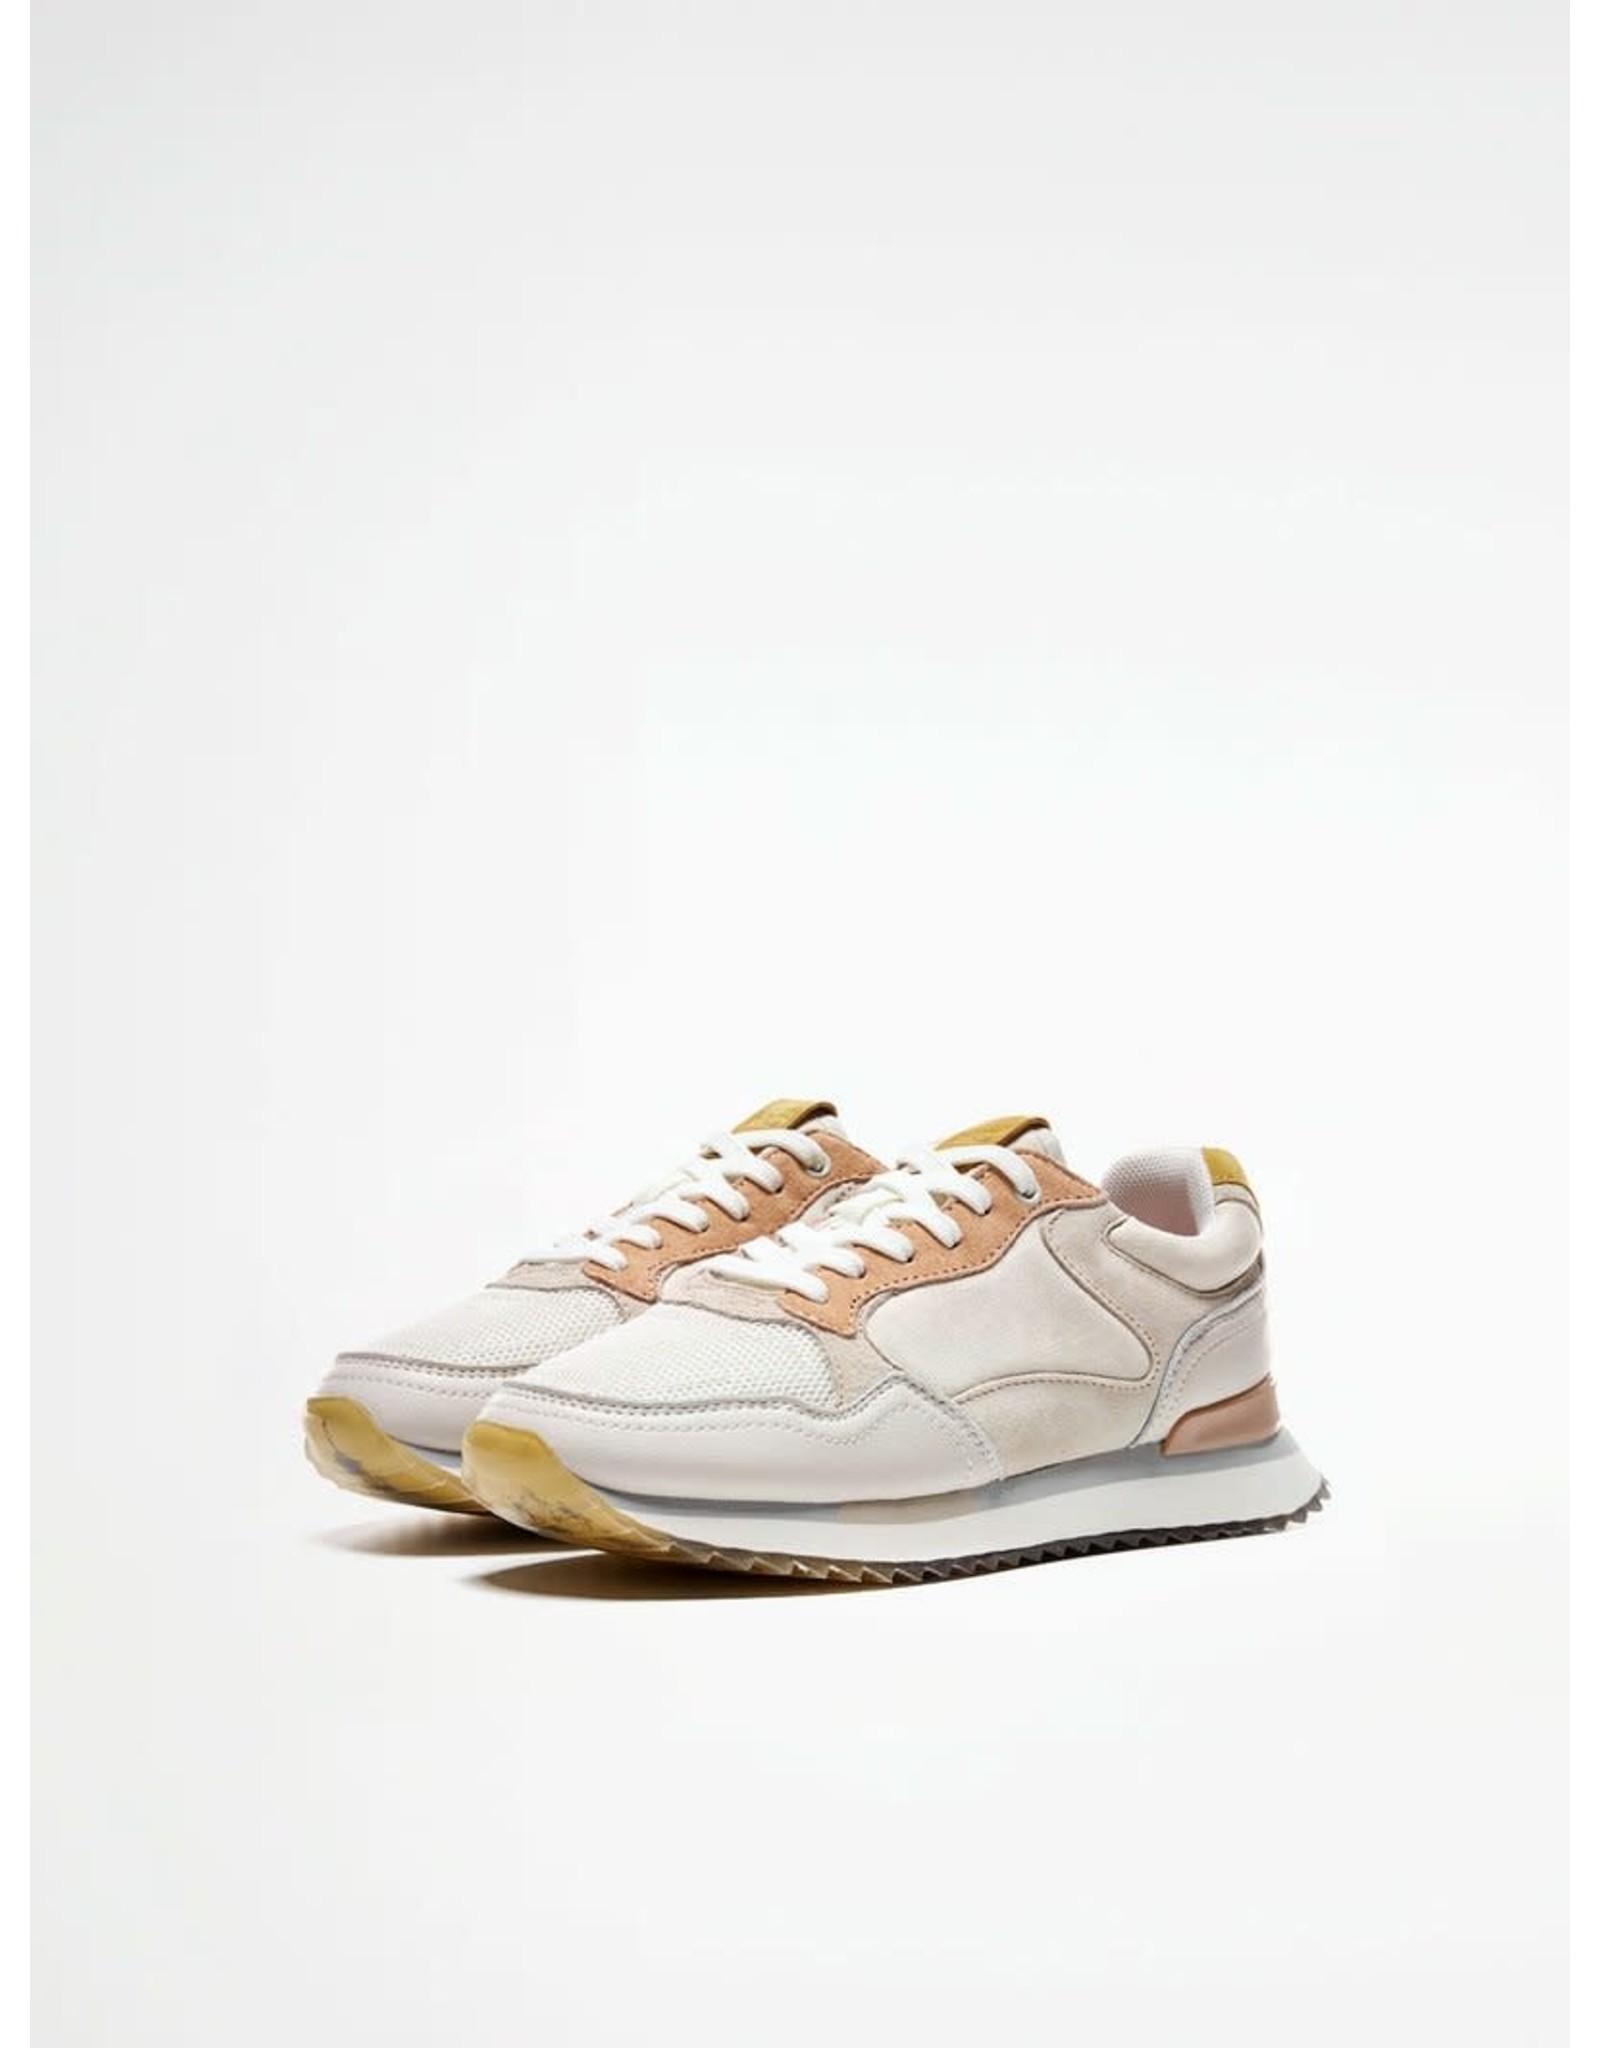 HOFF Toulousse Sneaker